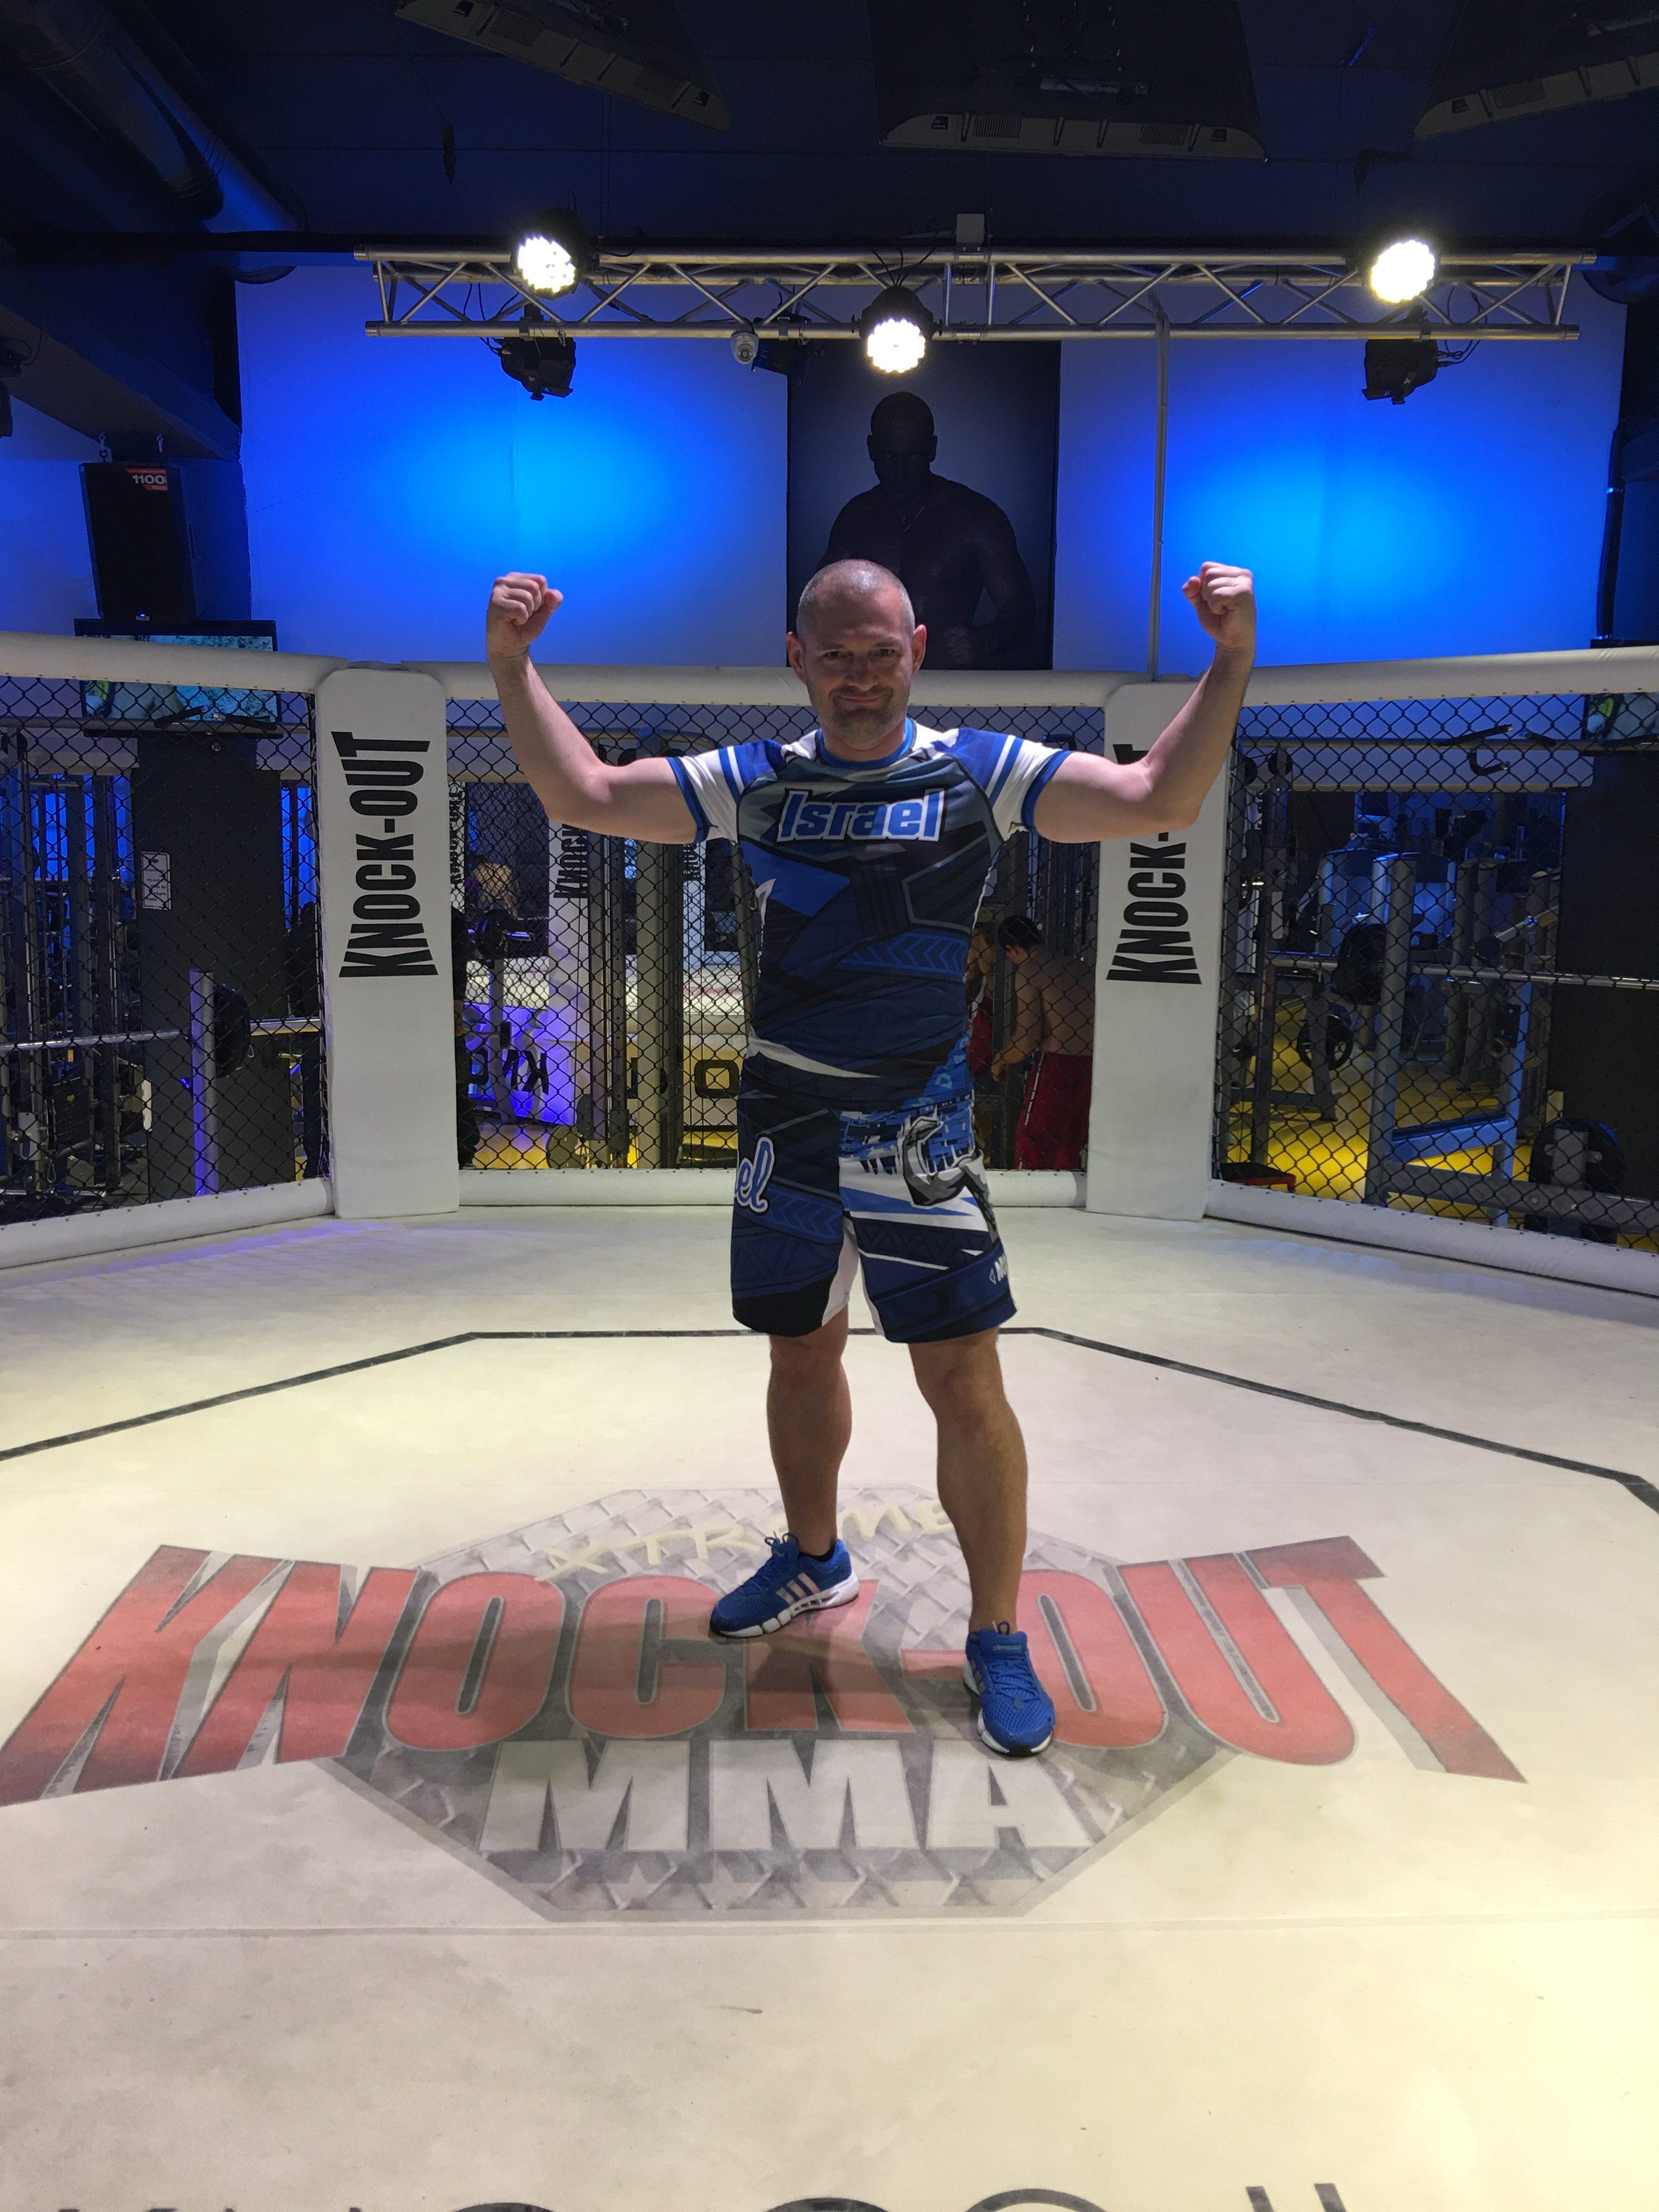 Практика и опыт традиционного Окинавского Годзю-рю мне очень пригодилась для проведения тренировок MMA. Много техник, применяемых в Годзю-рю, или правильней будет сказать, что вся техника традиционного Окинавского Годзю-рю применима в Mixed Martial Arts.